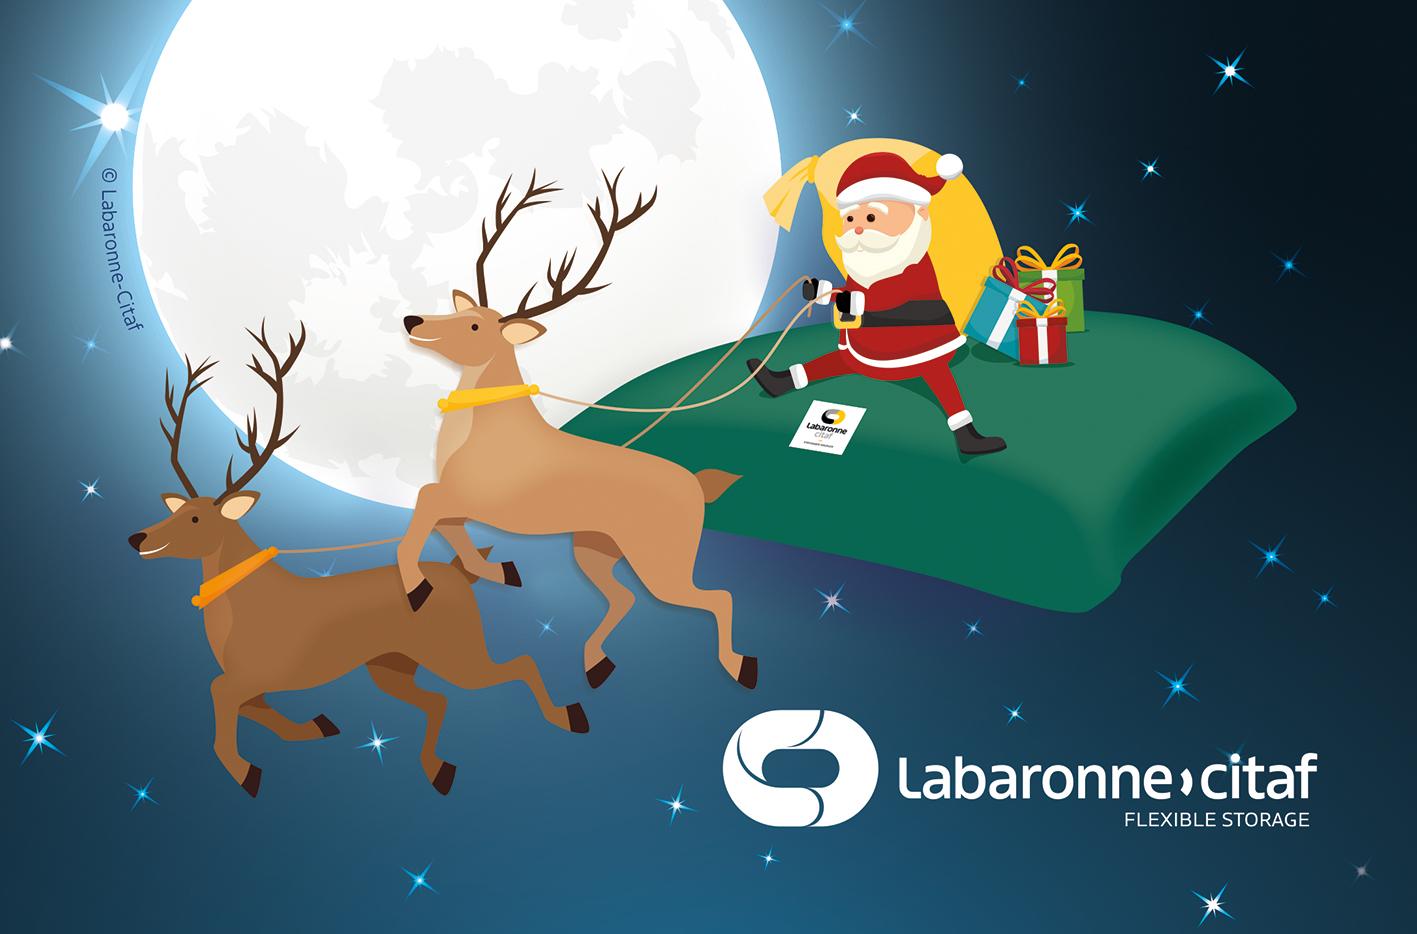 Labaronne-Citaf-Christmas-2020